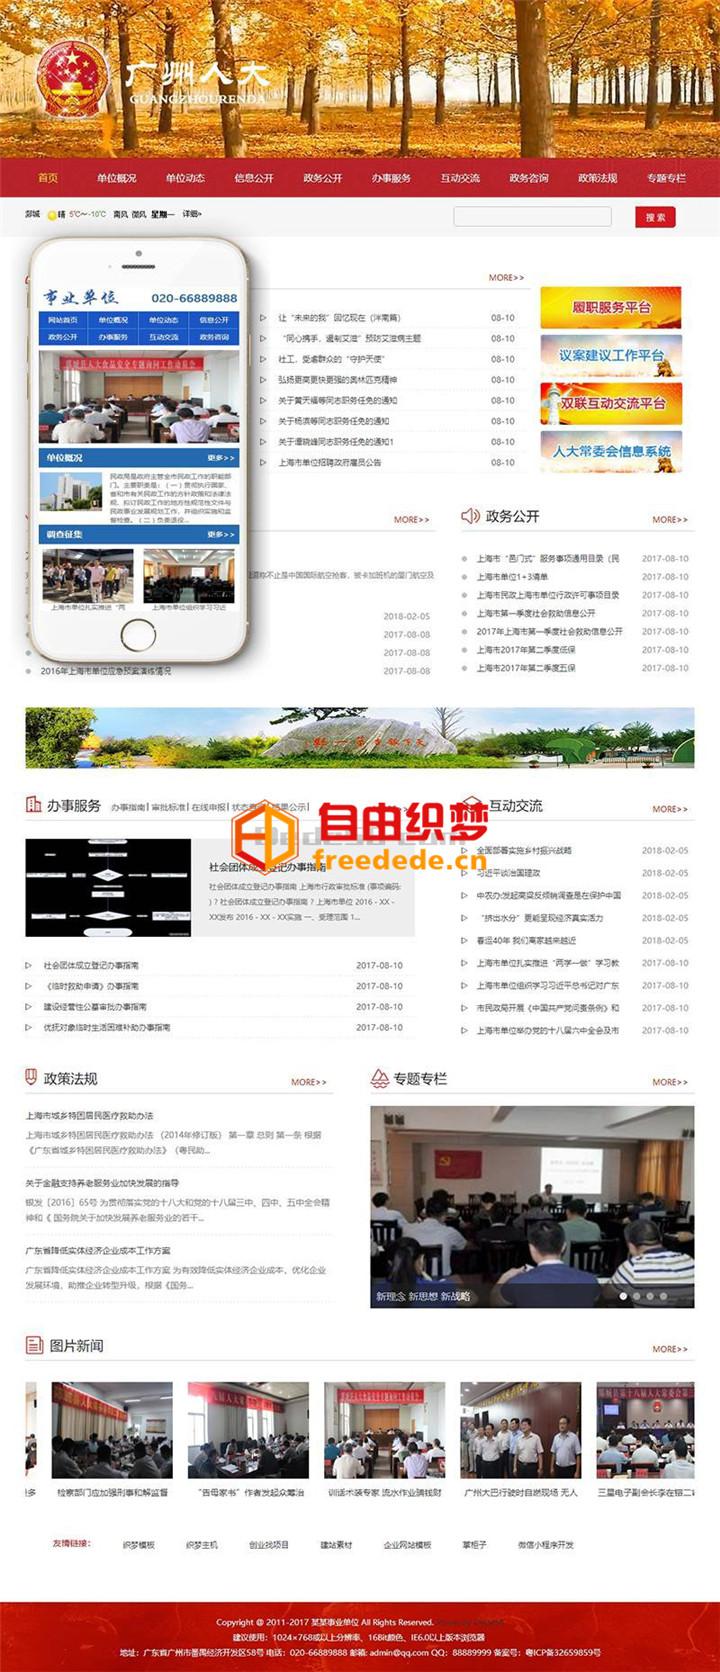 爱上源码网文章营销型红色部门单位人大资讯网类织梦模板(带手机端) 整站源码下载的内容插图